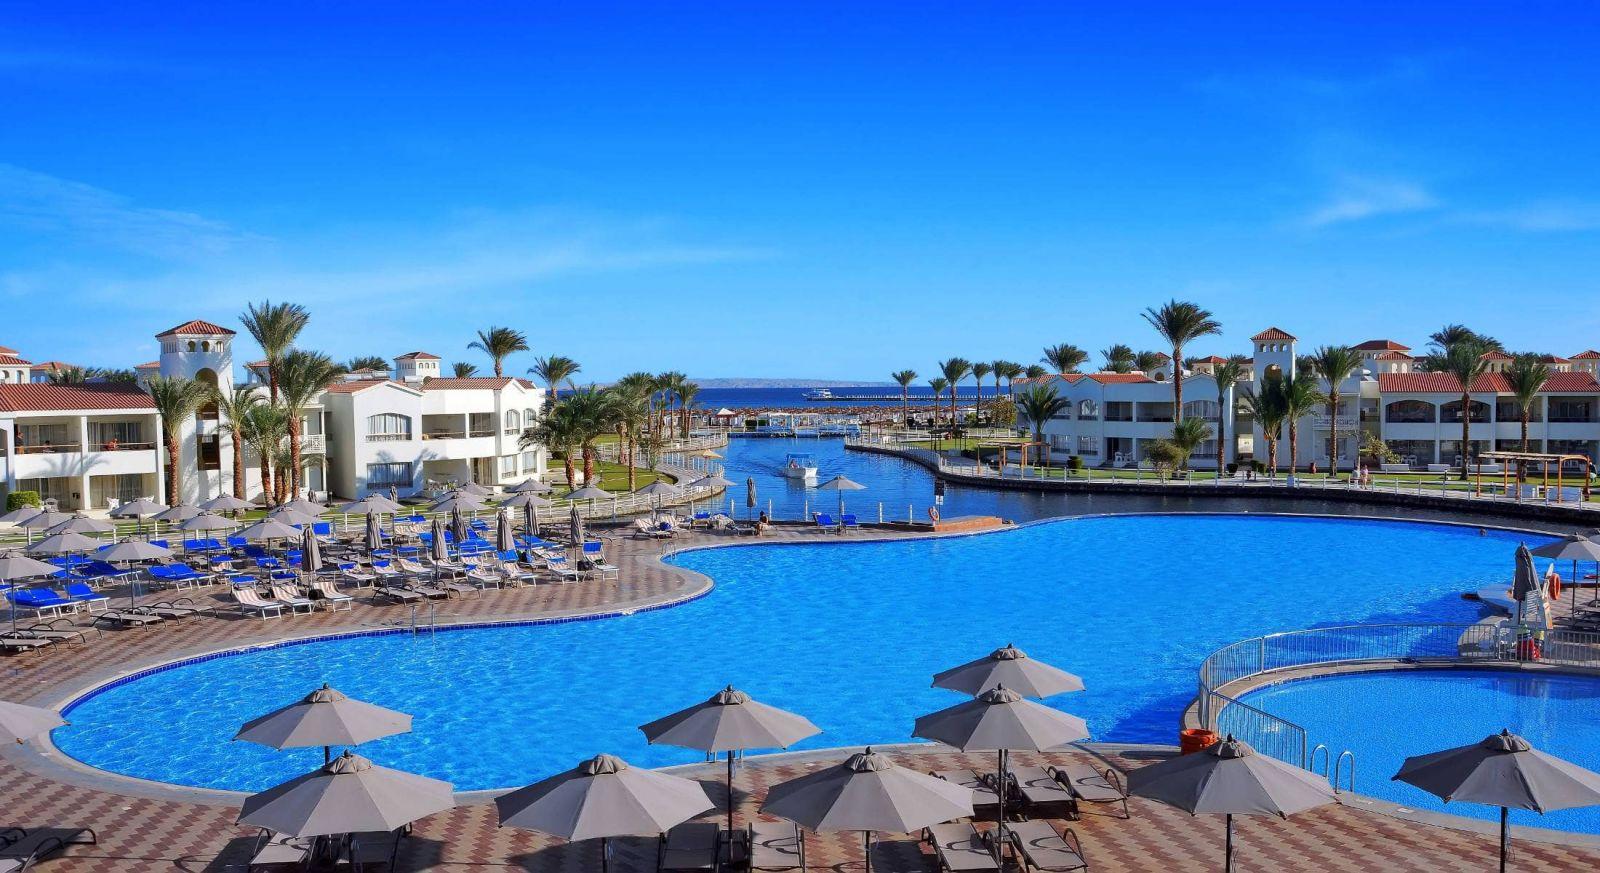 Dana Beach Hotel Virtual Tour